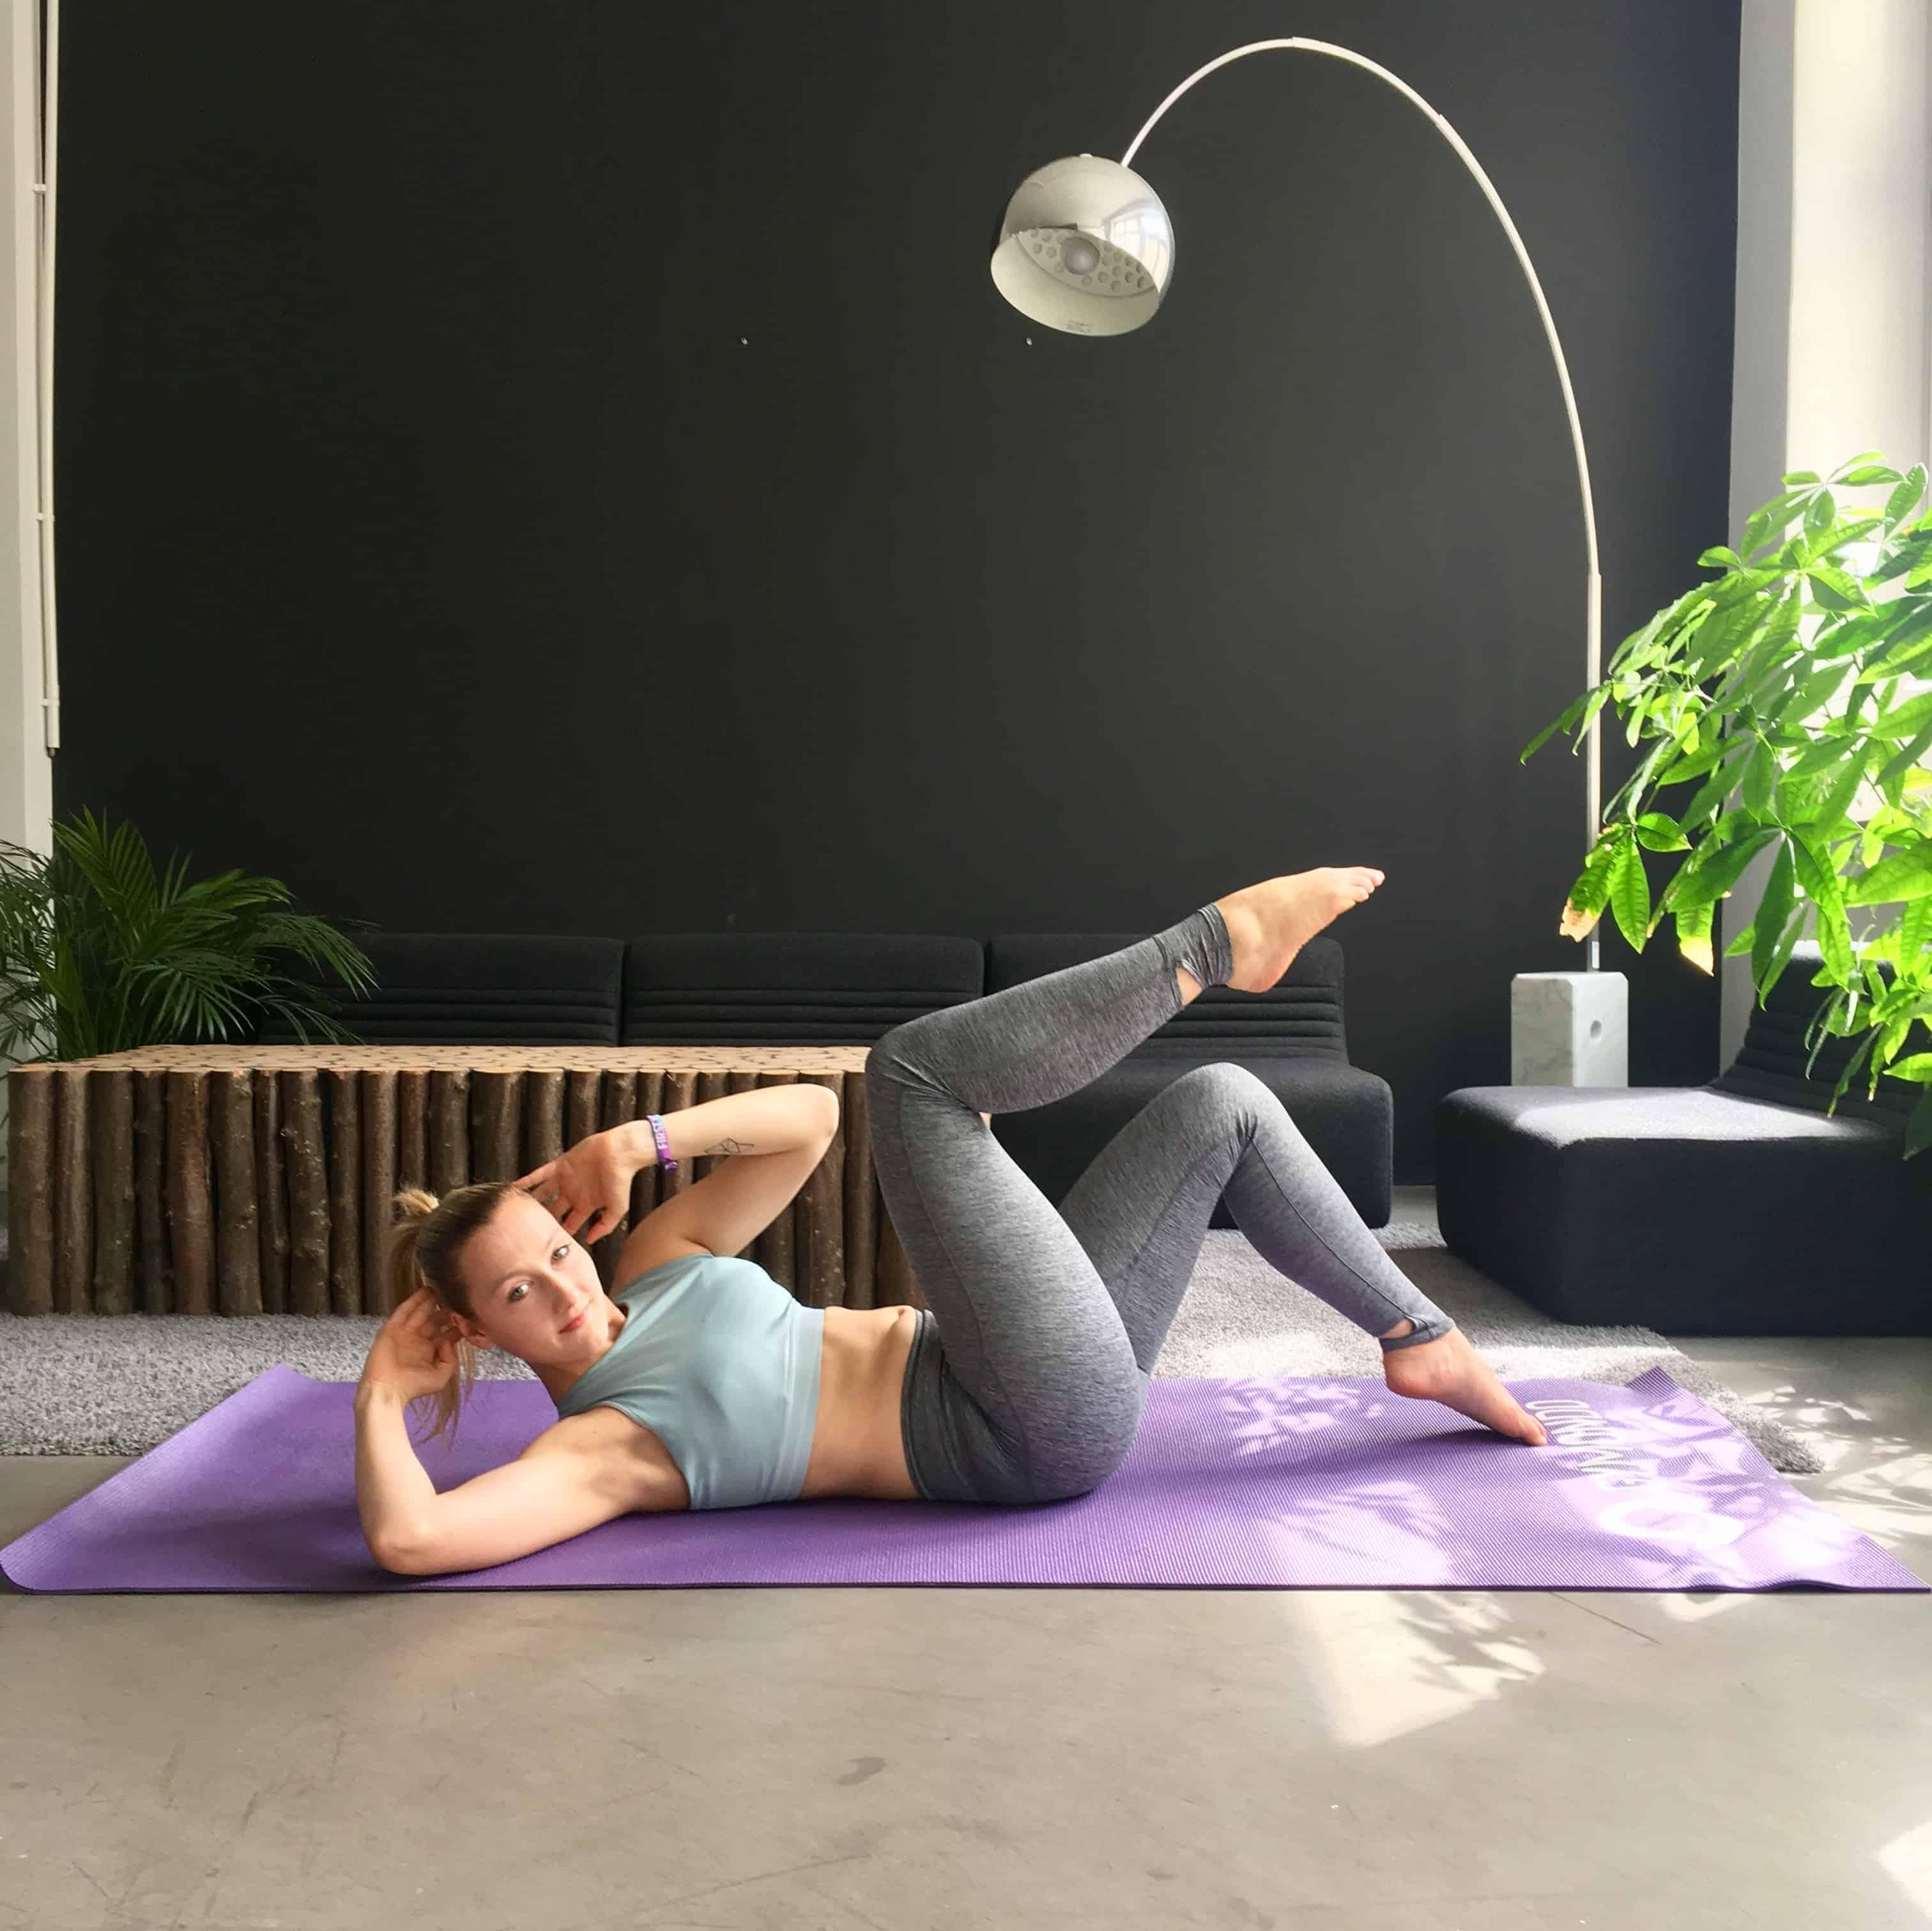 Frau macht Diagonale Crunches auf lila trainingsmatte